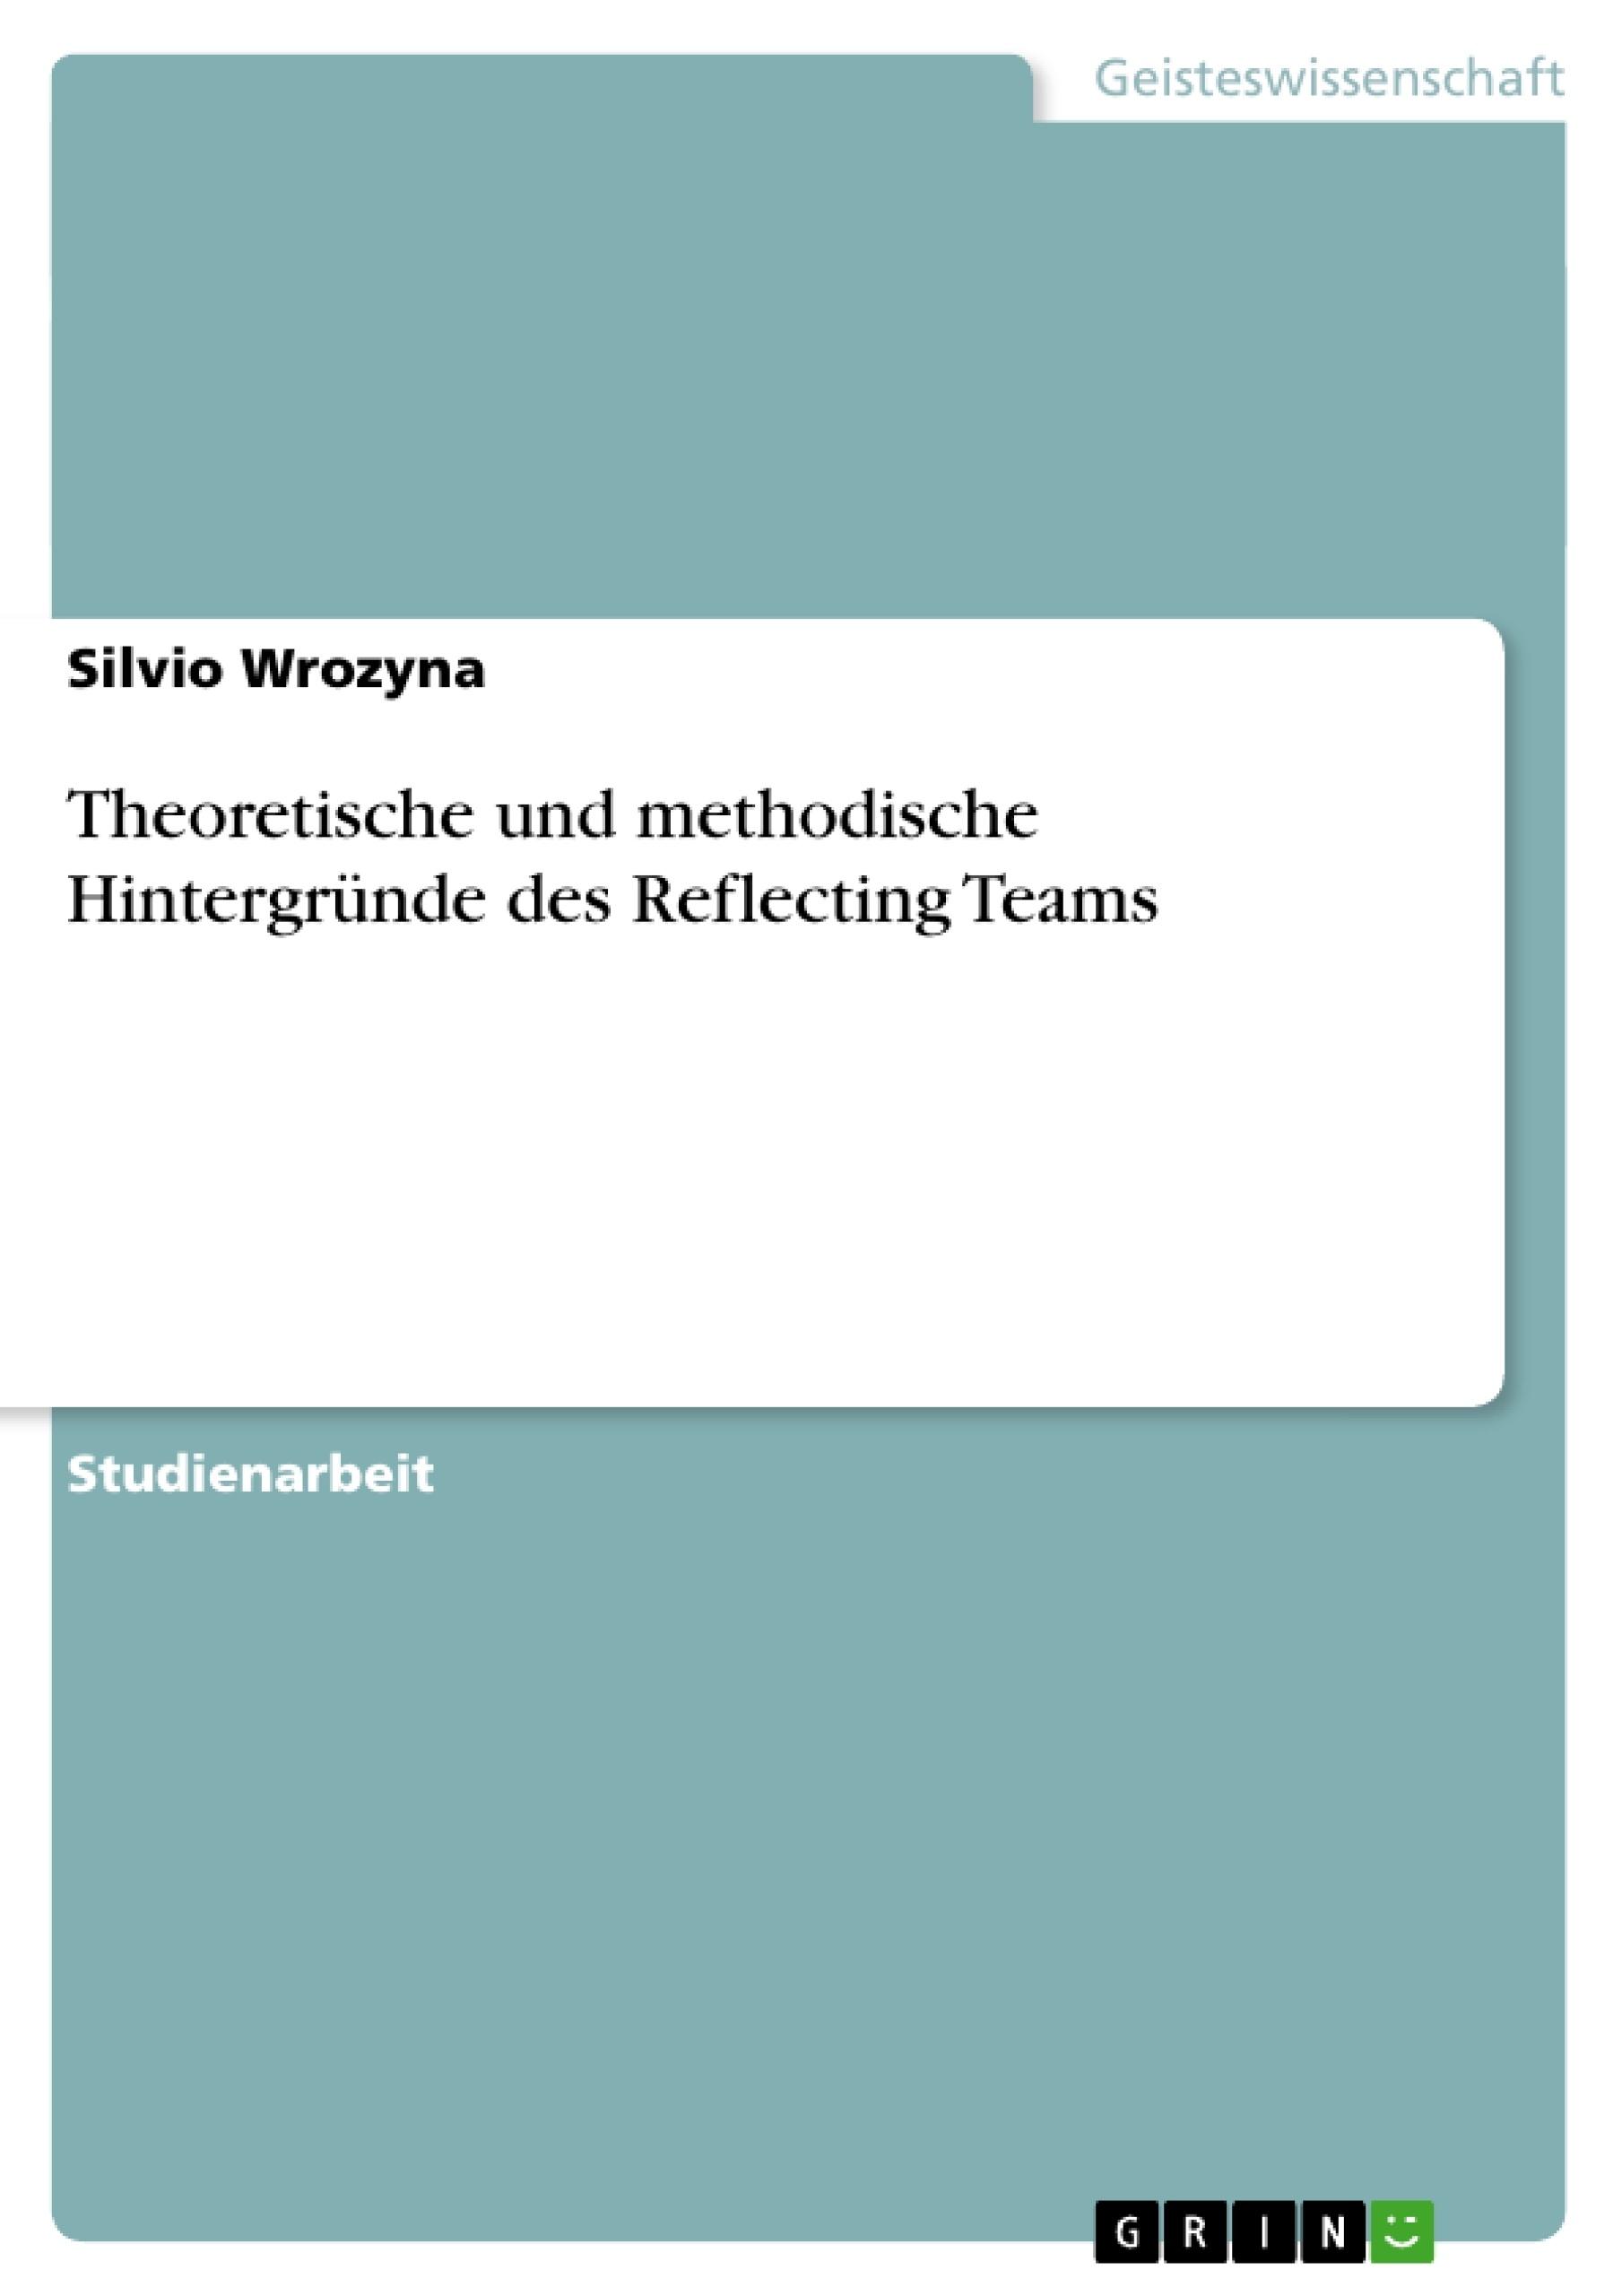 Titel: Theoretische und methodische Hintergründe des Reflecting Teams